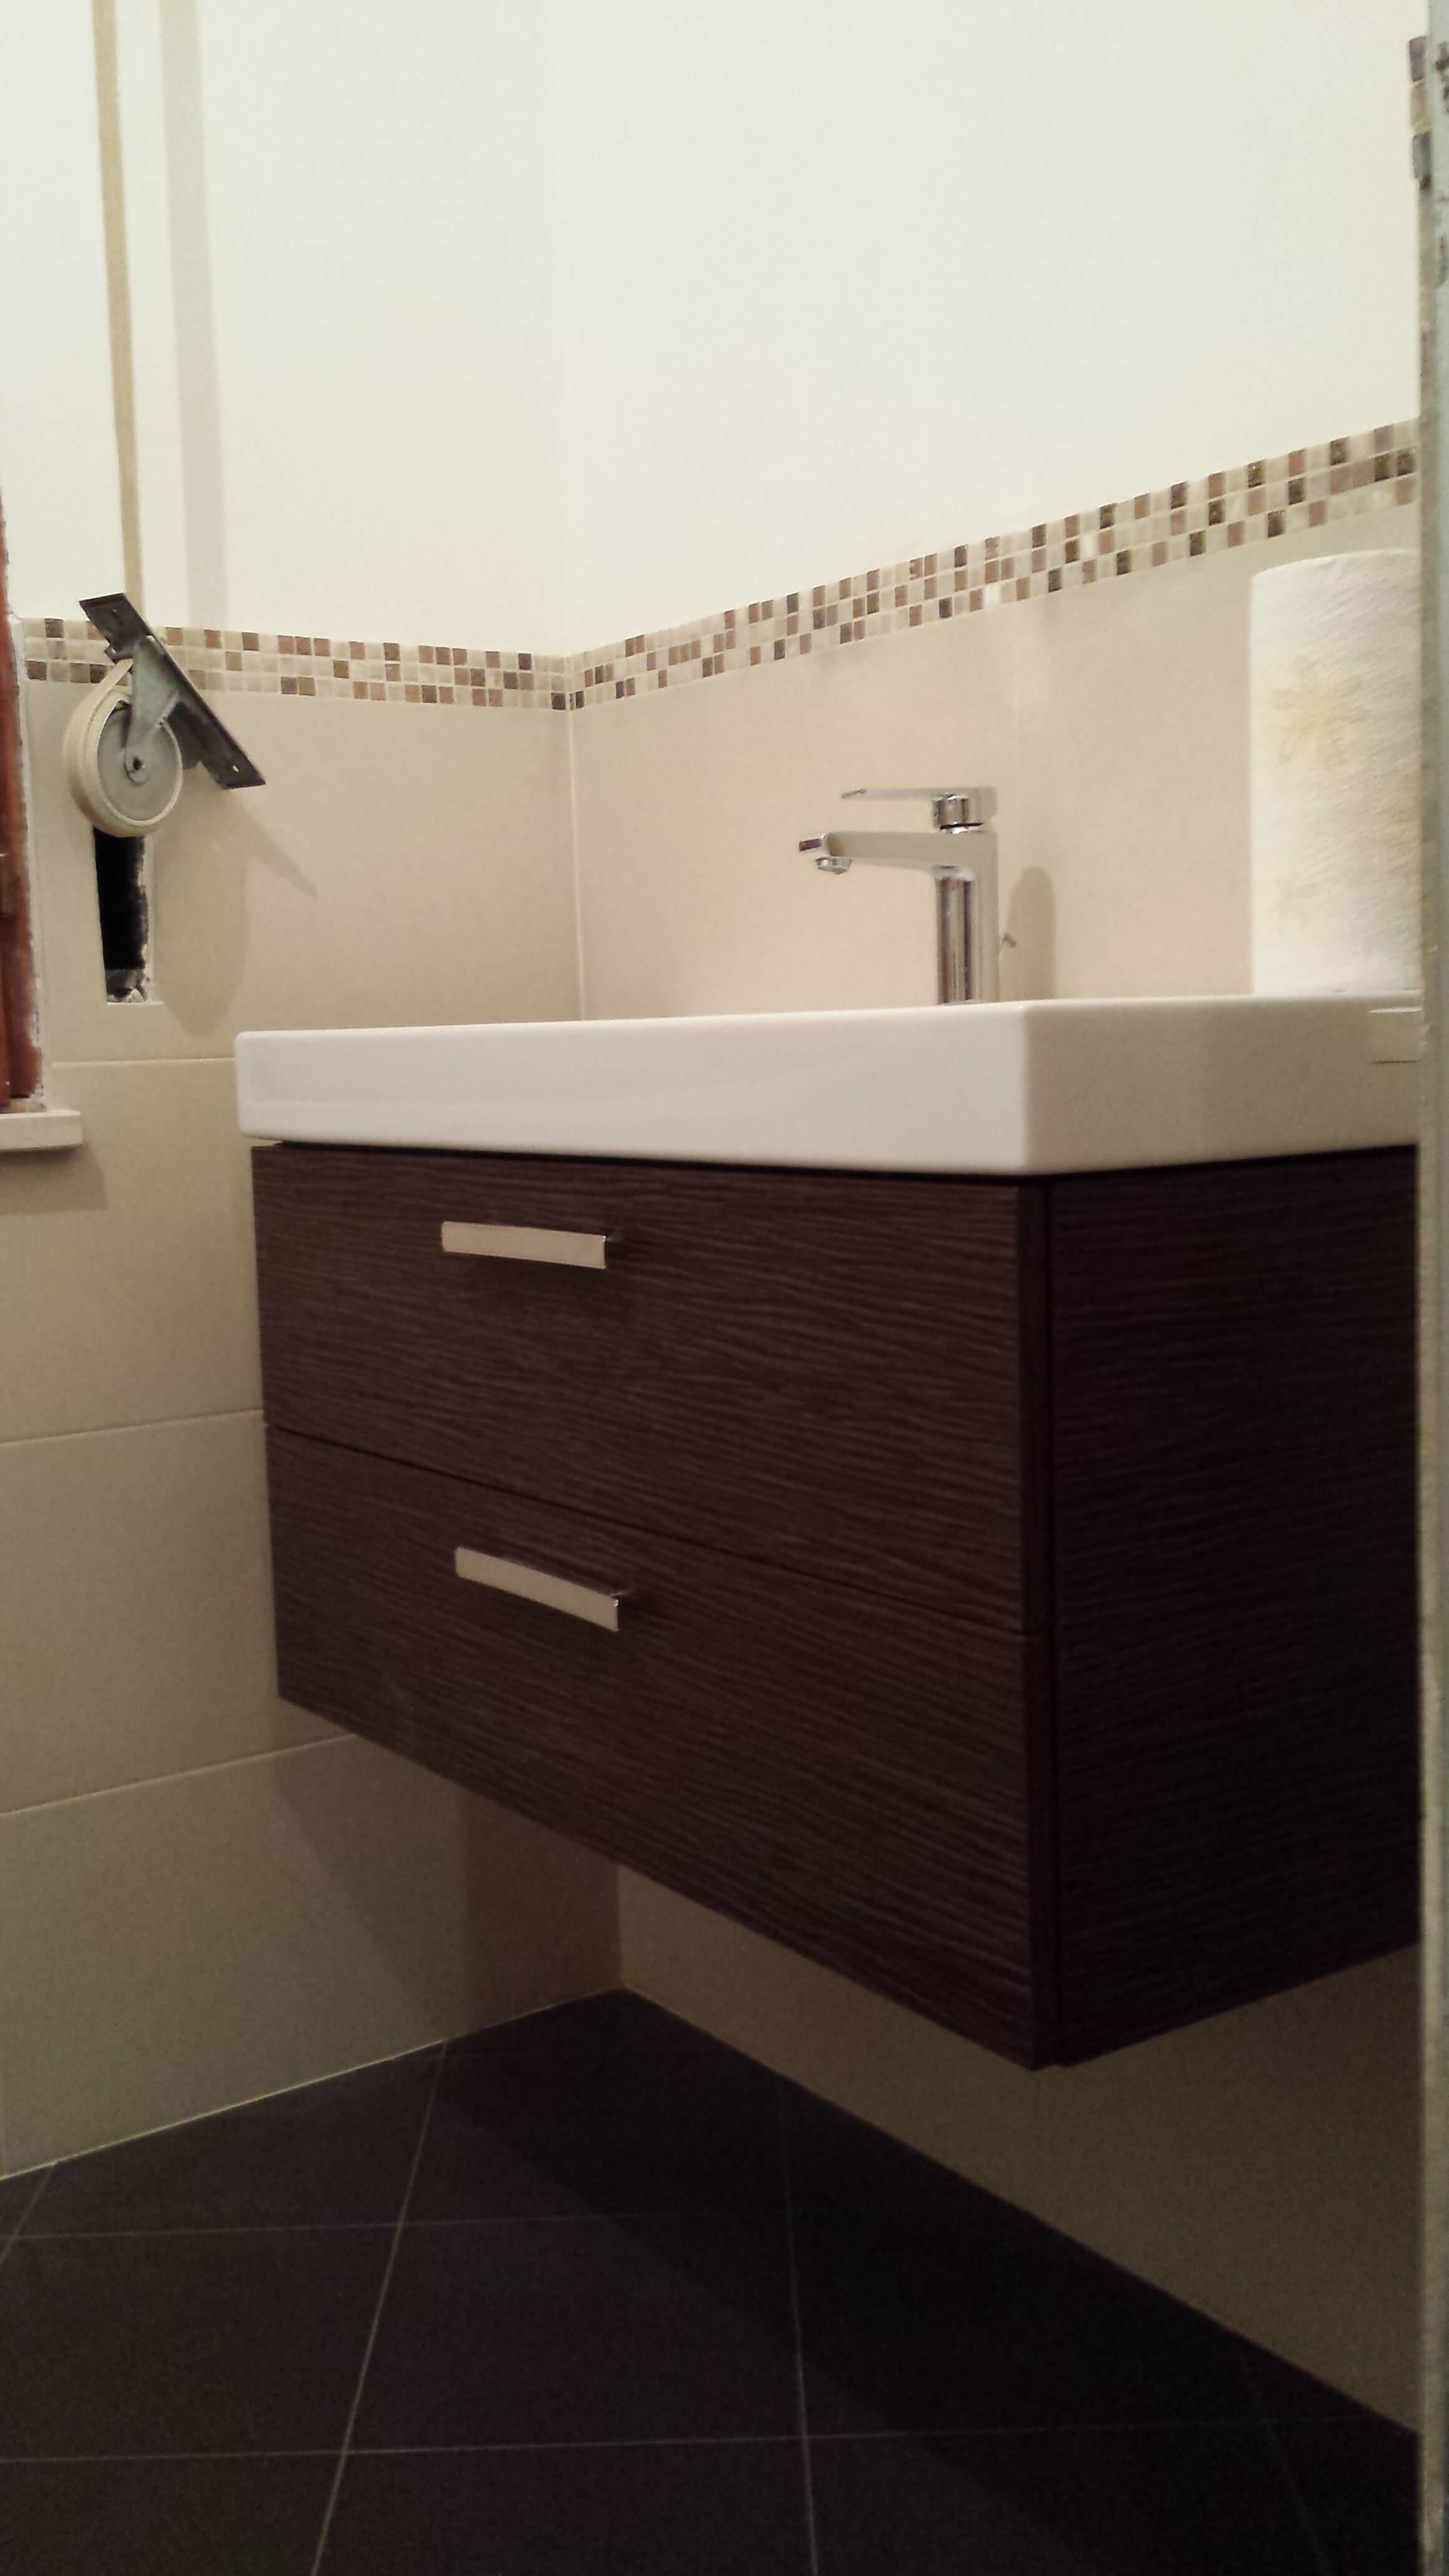 lavandino bianco incastonato in un mobile in legno scuro e muro piastrellato chiaro